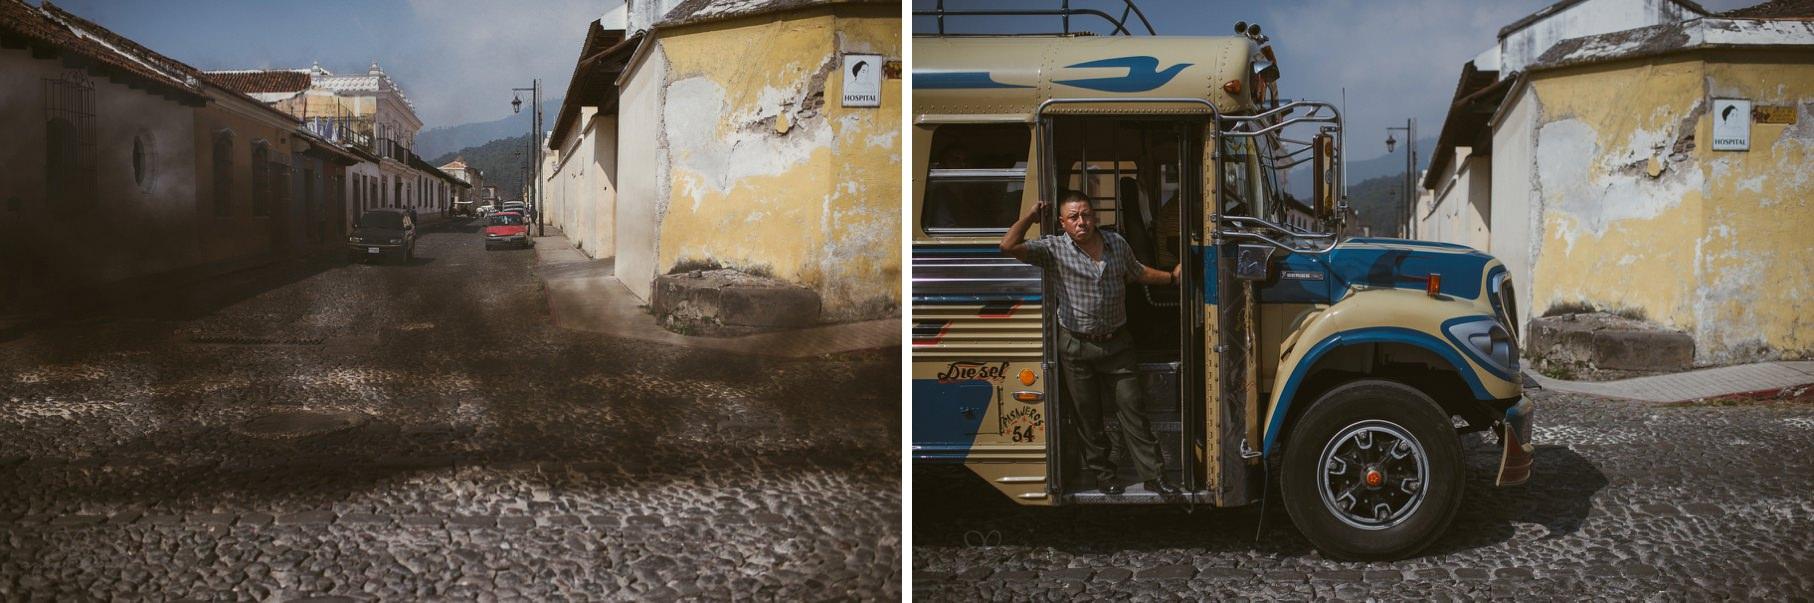 0011 anne und bjoern guatemala 811 2330 - 4 Wochen durch Guatemala - backpacking durch Mittelamerika